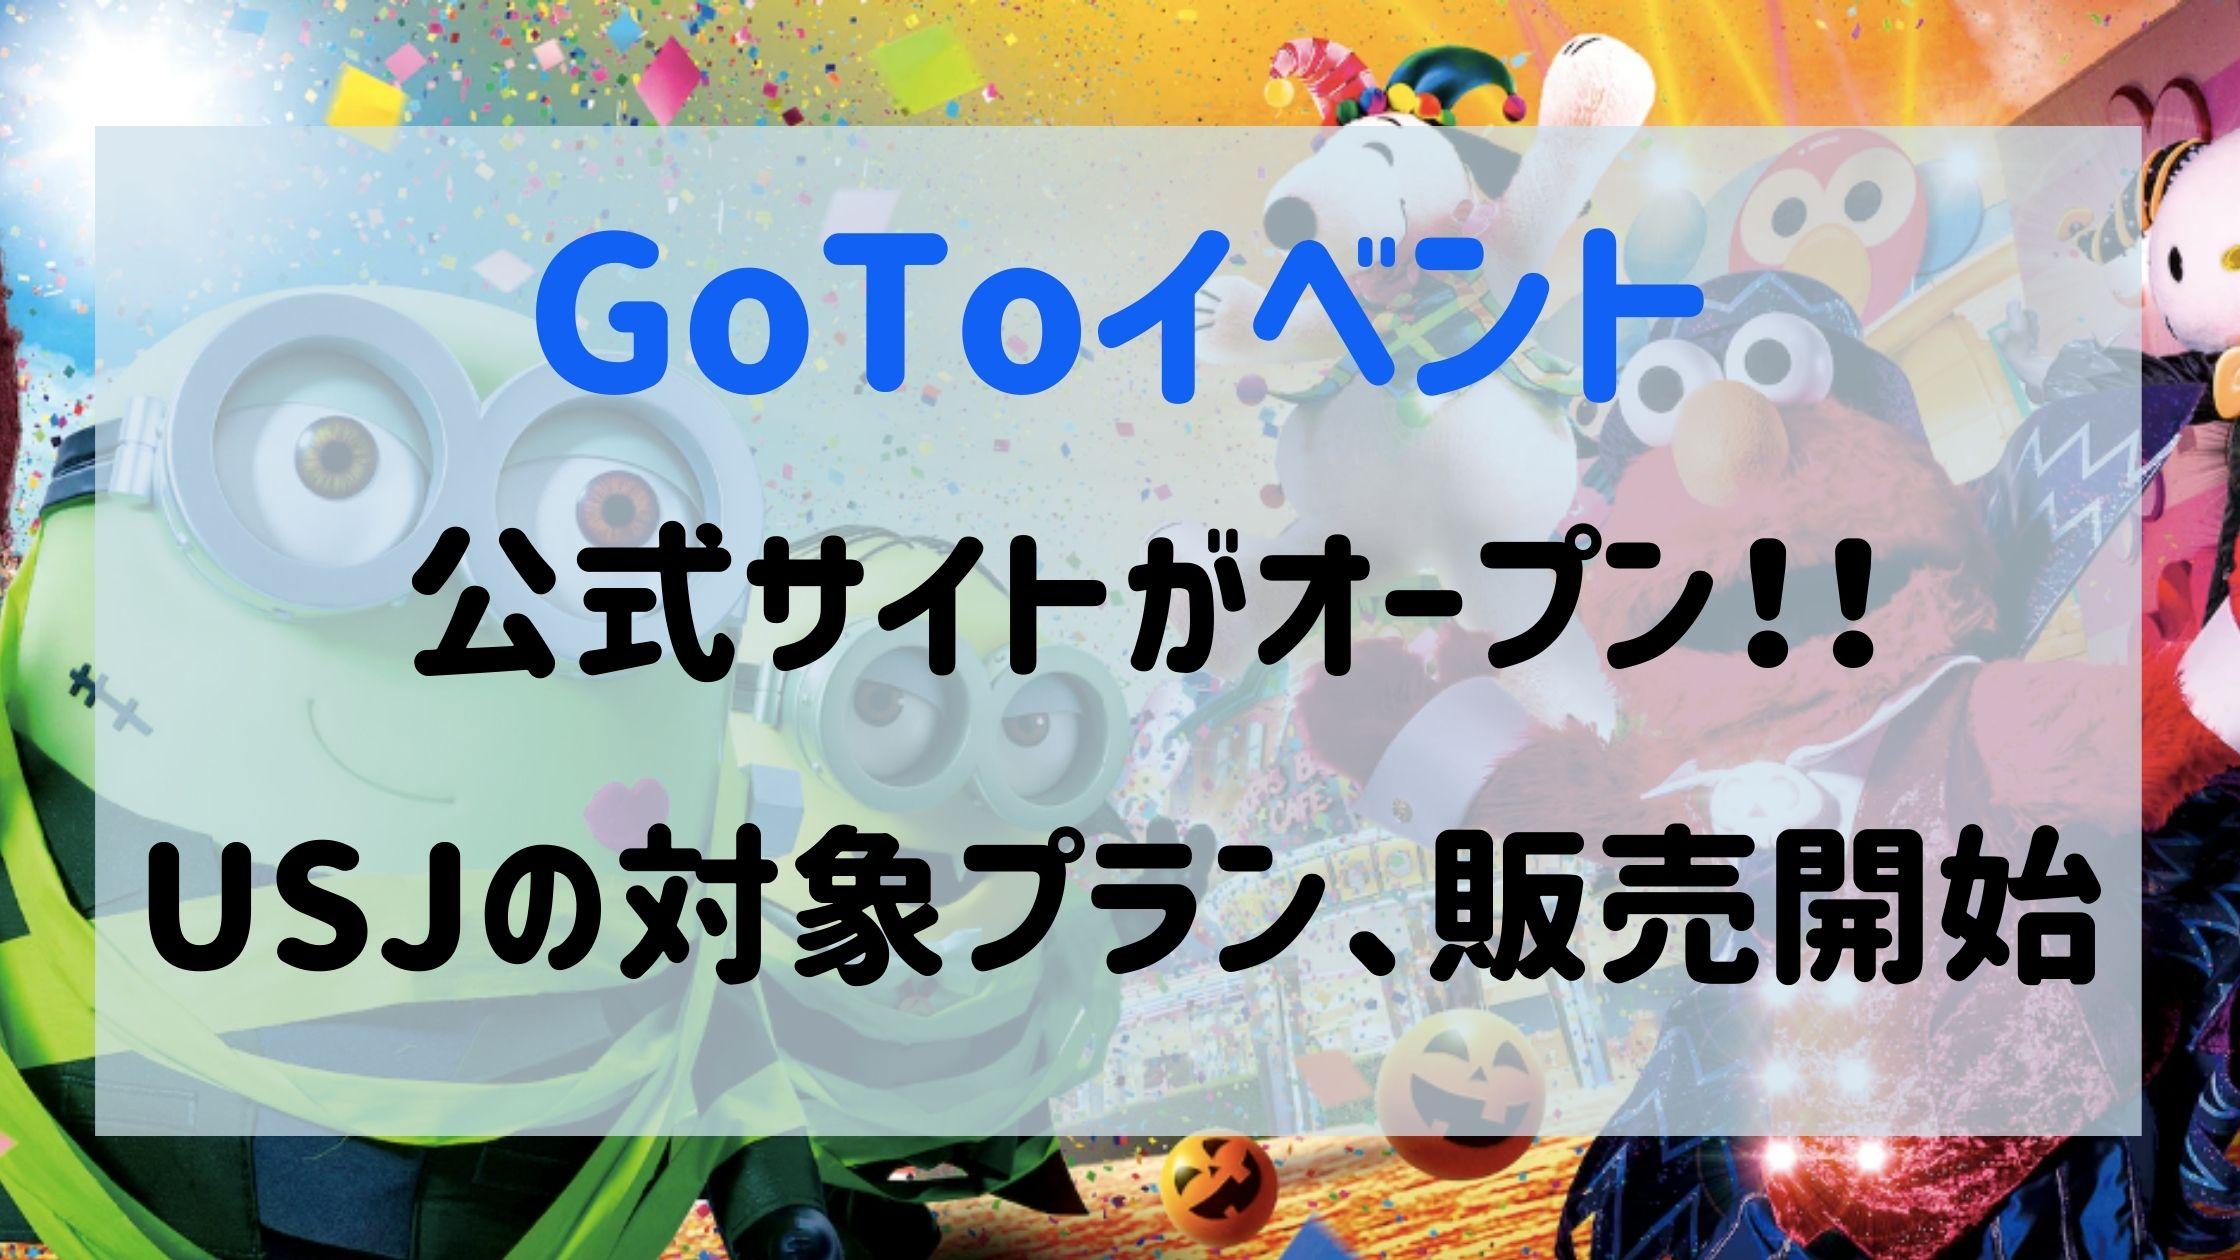 GoToイベント 経産省 USJ アイキャッチ